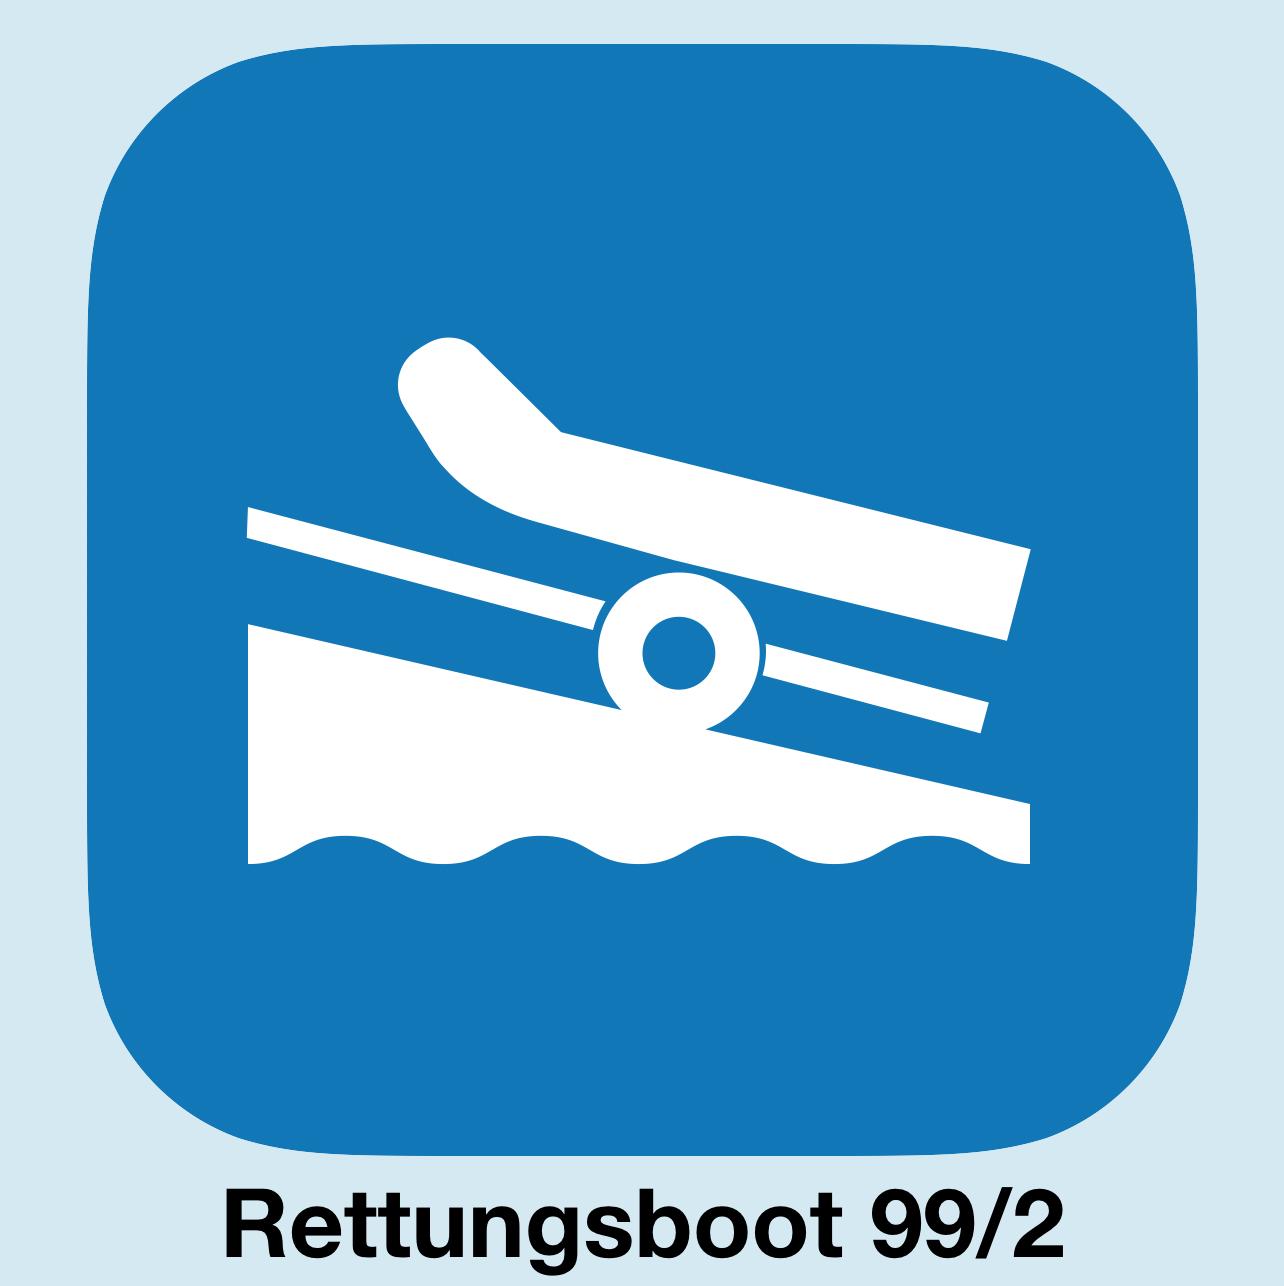 Testboot 99/2